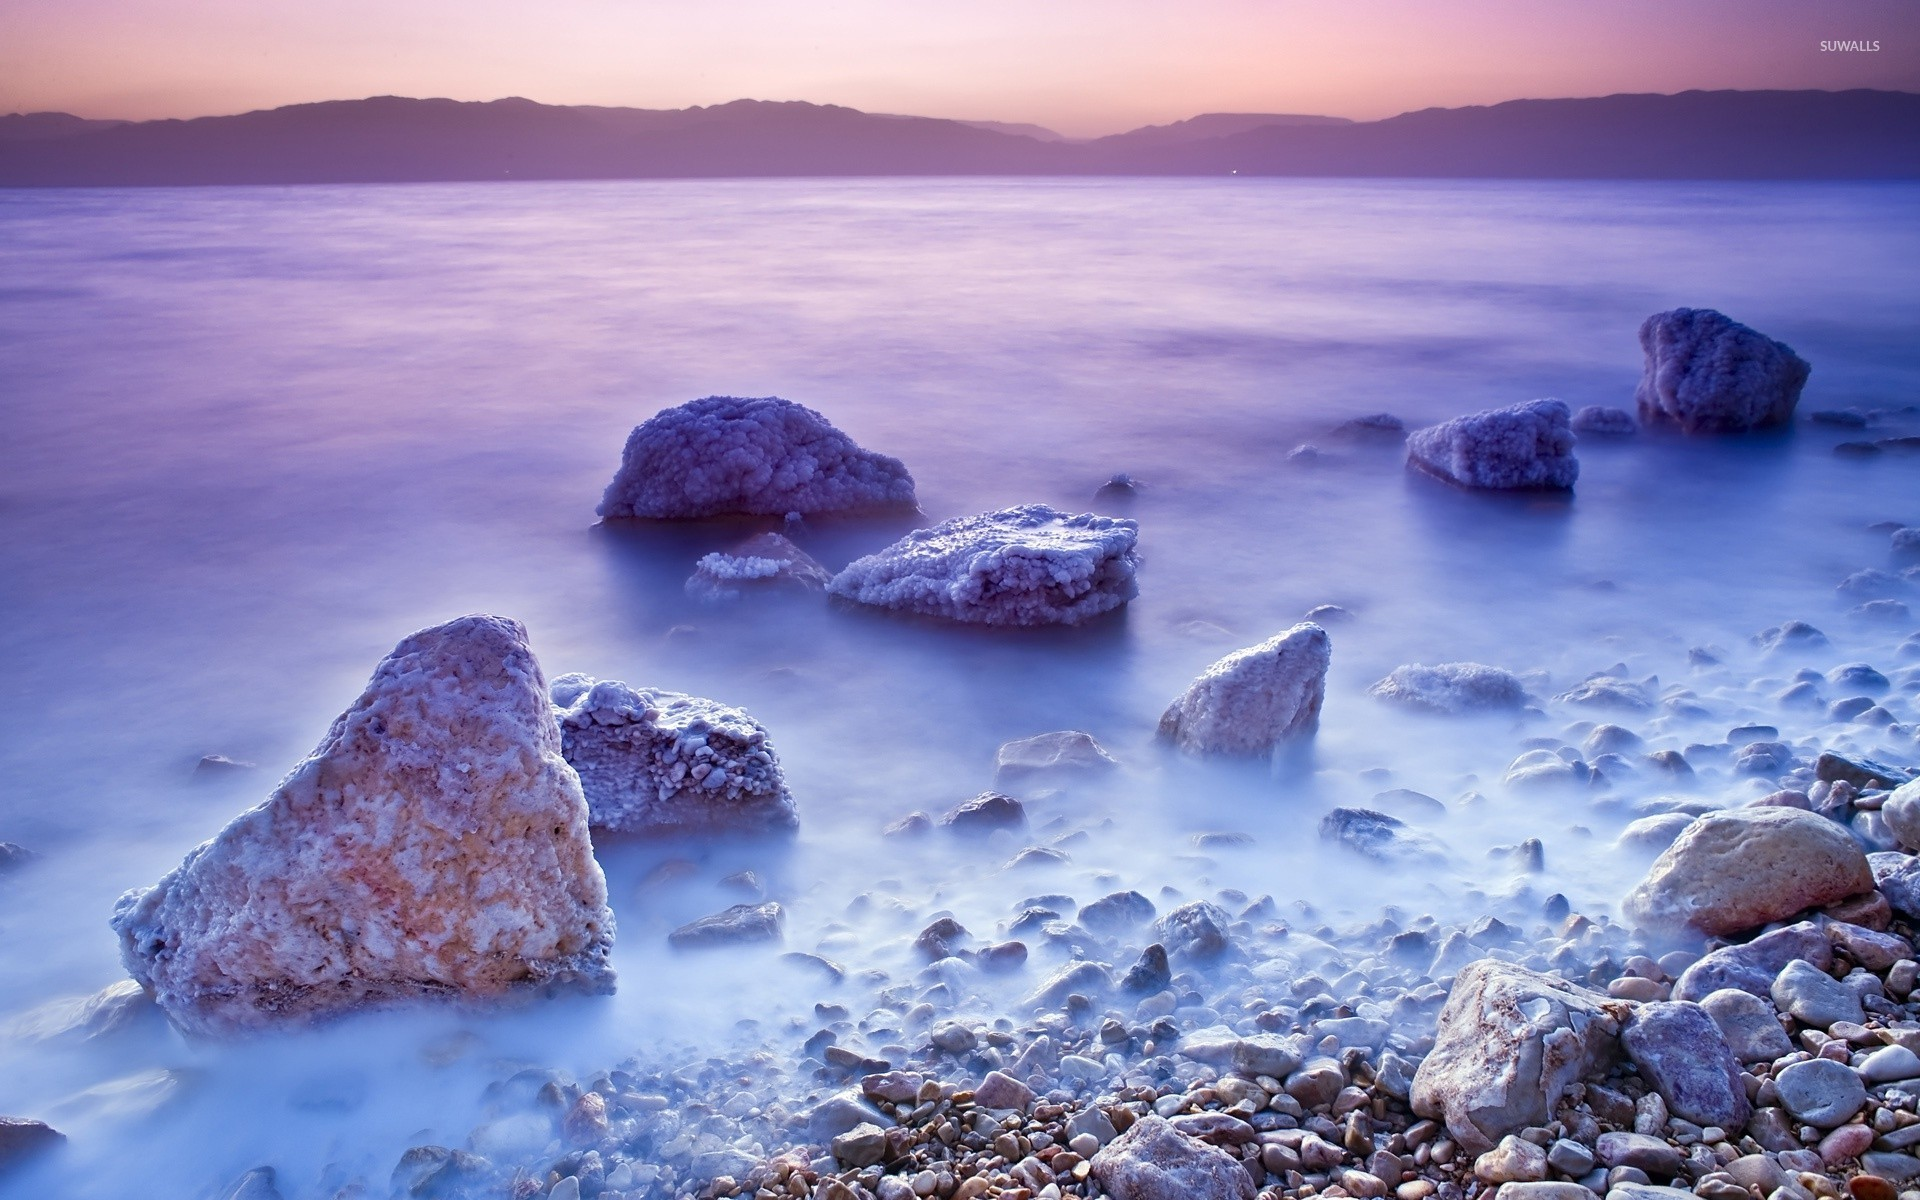 sea wallpaper nature dead - photo #12